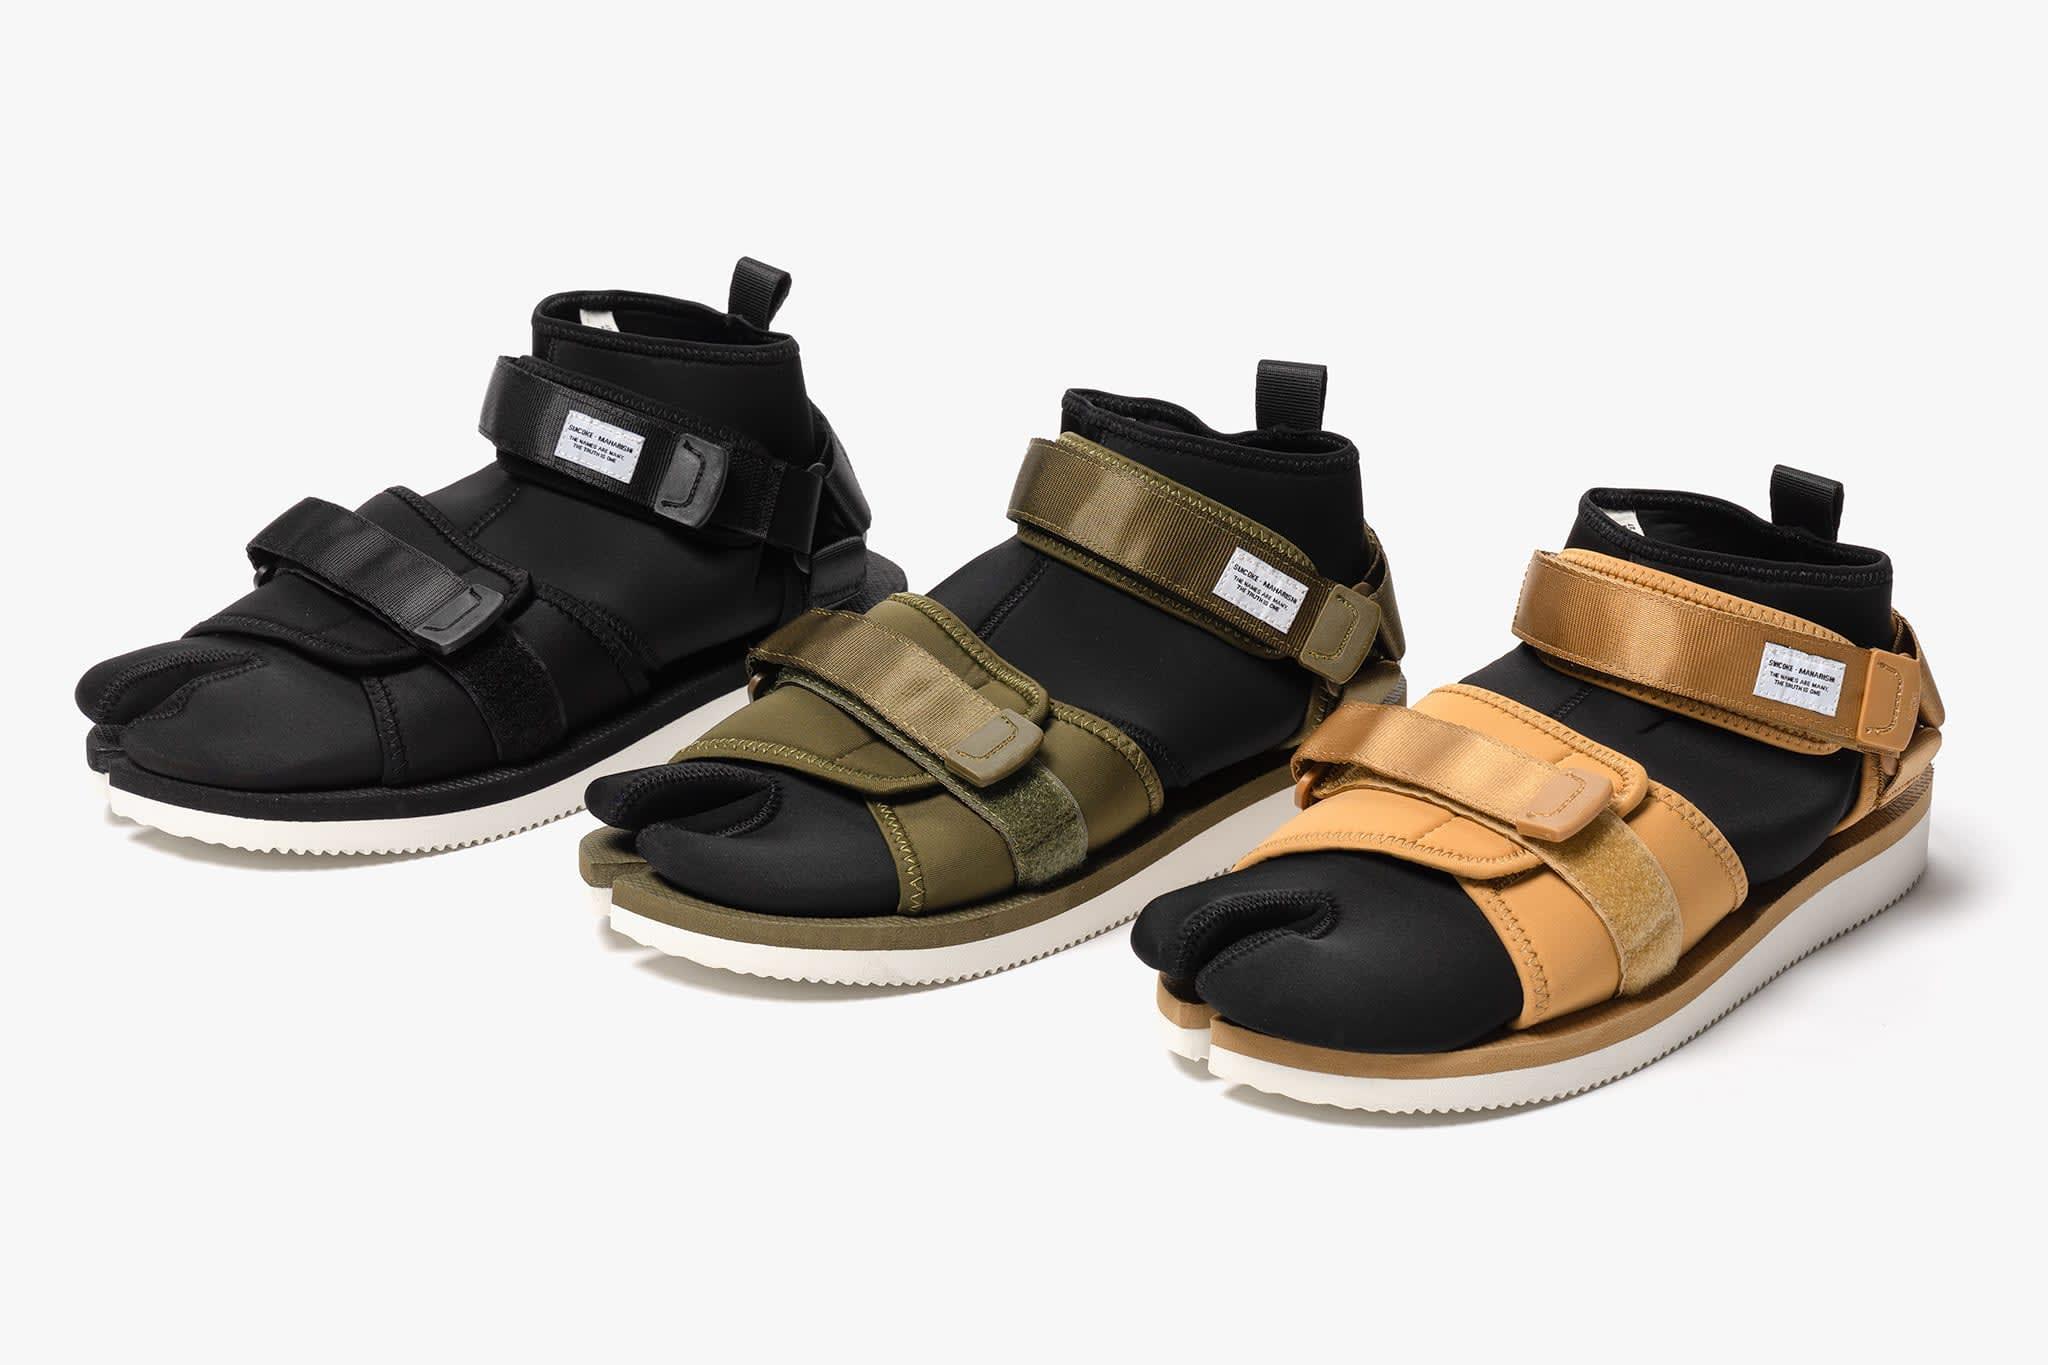 suicoke x maharishi kuno sandal